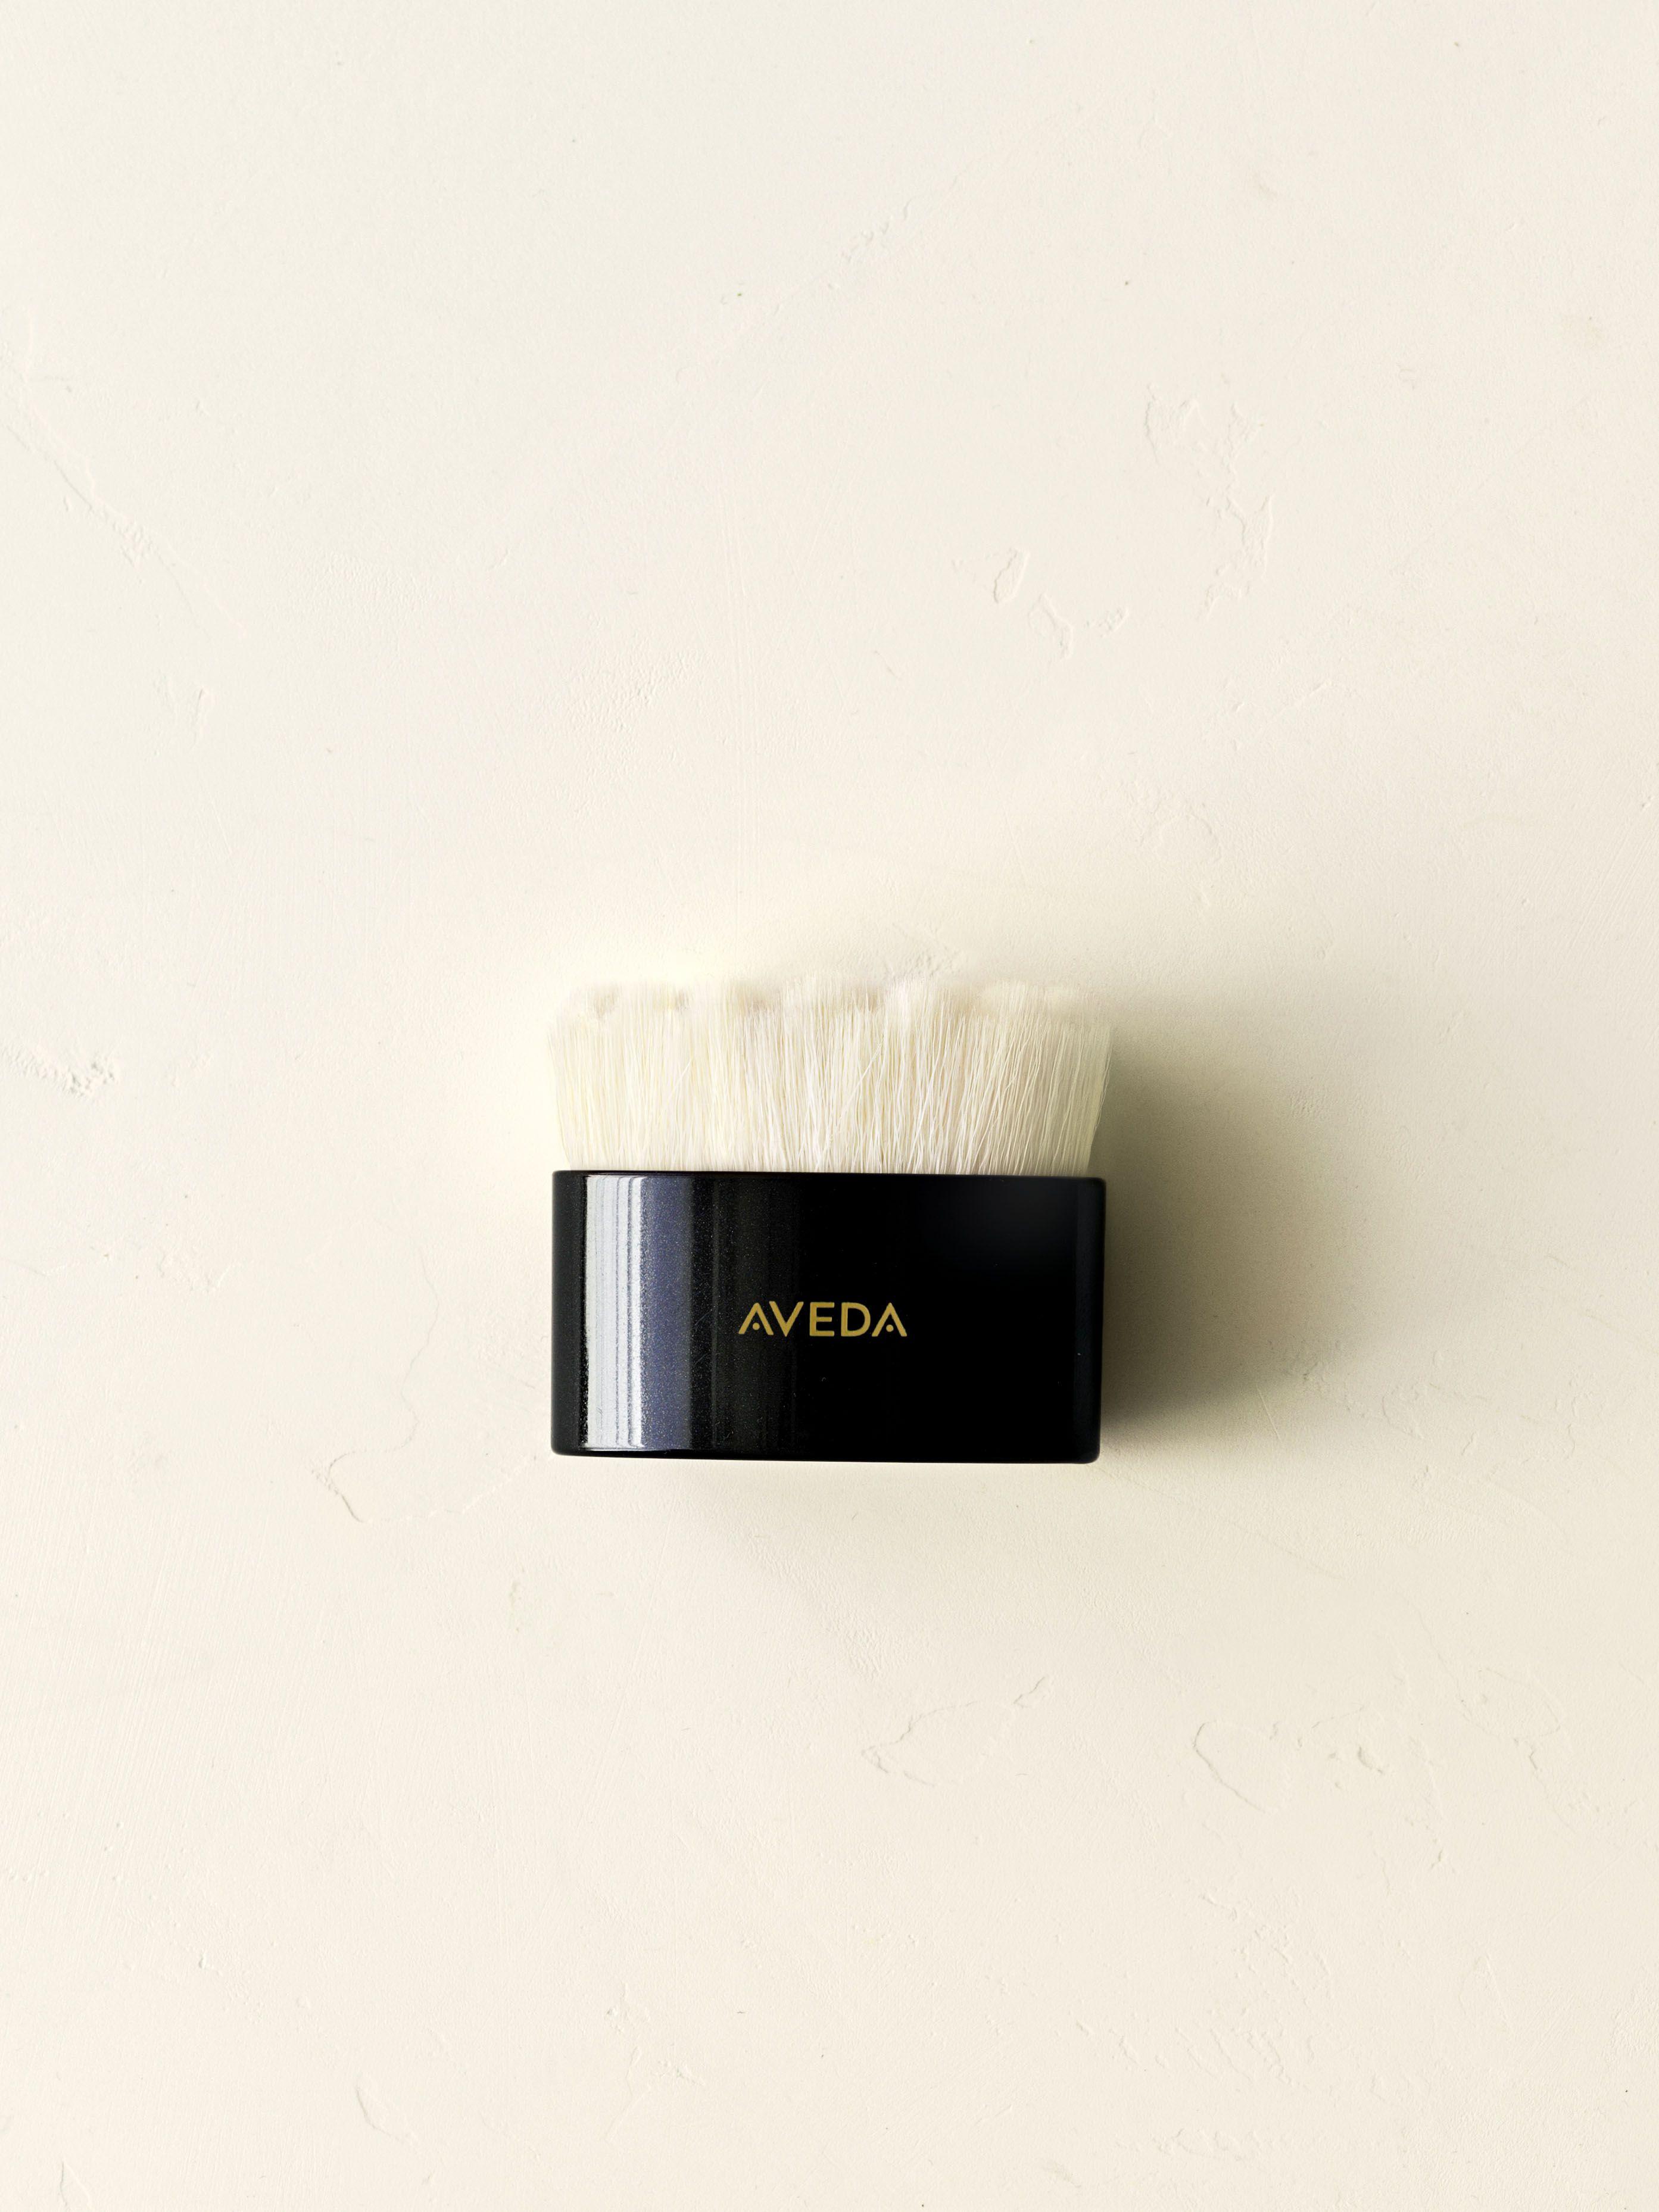 Aveda - Dry Brush